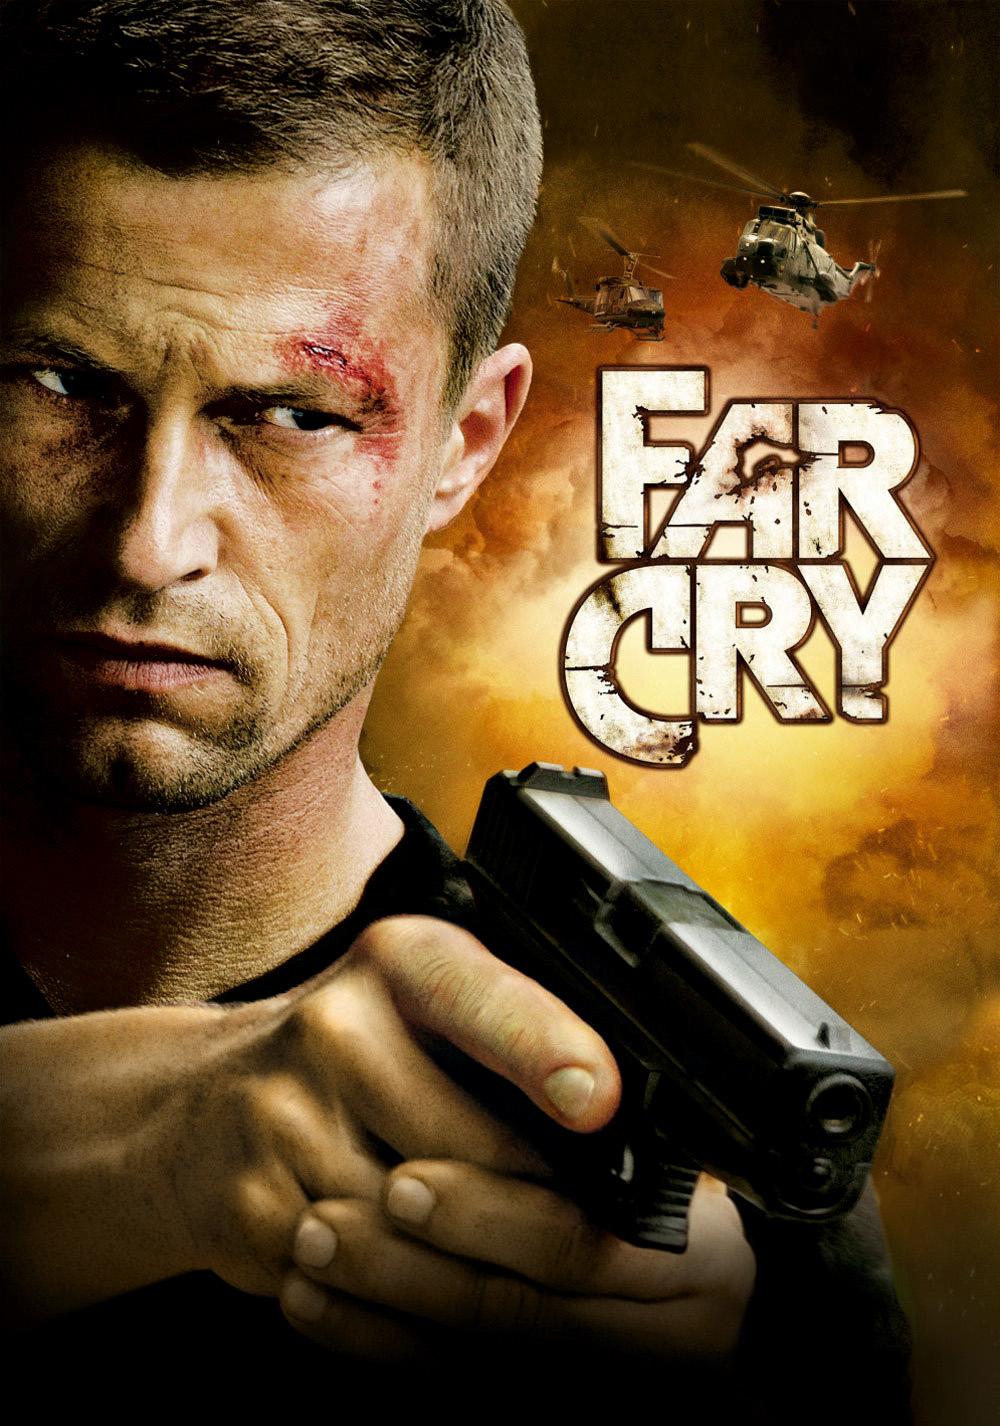 Fan movie 2009